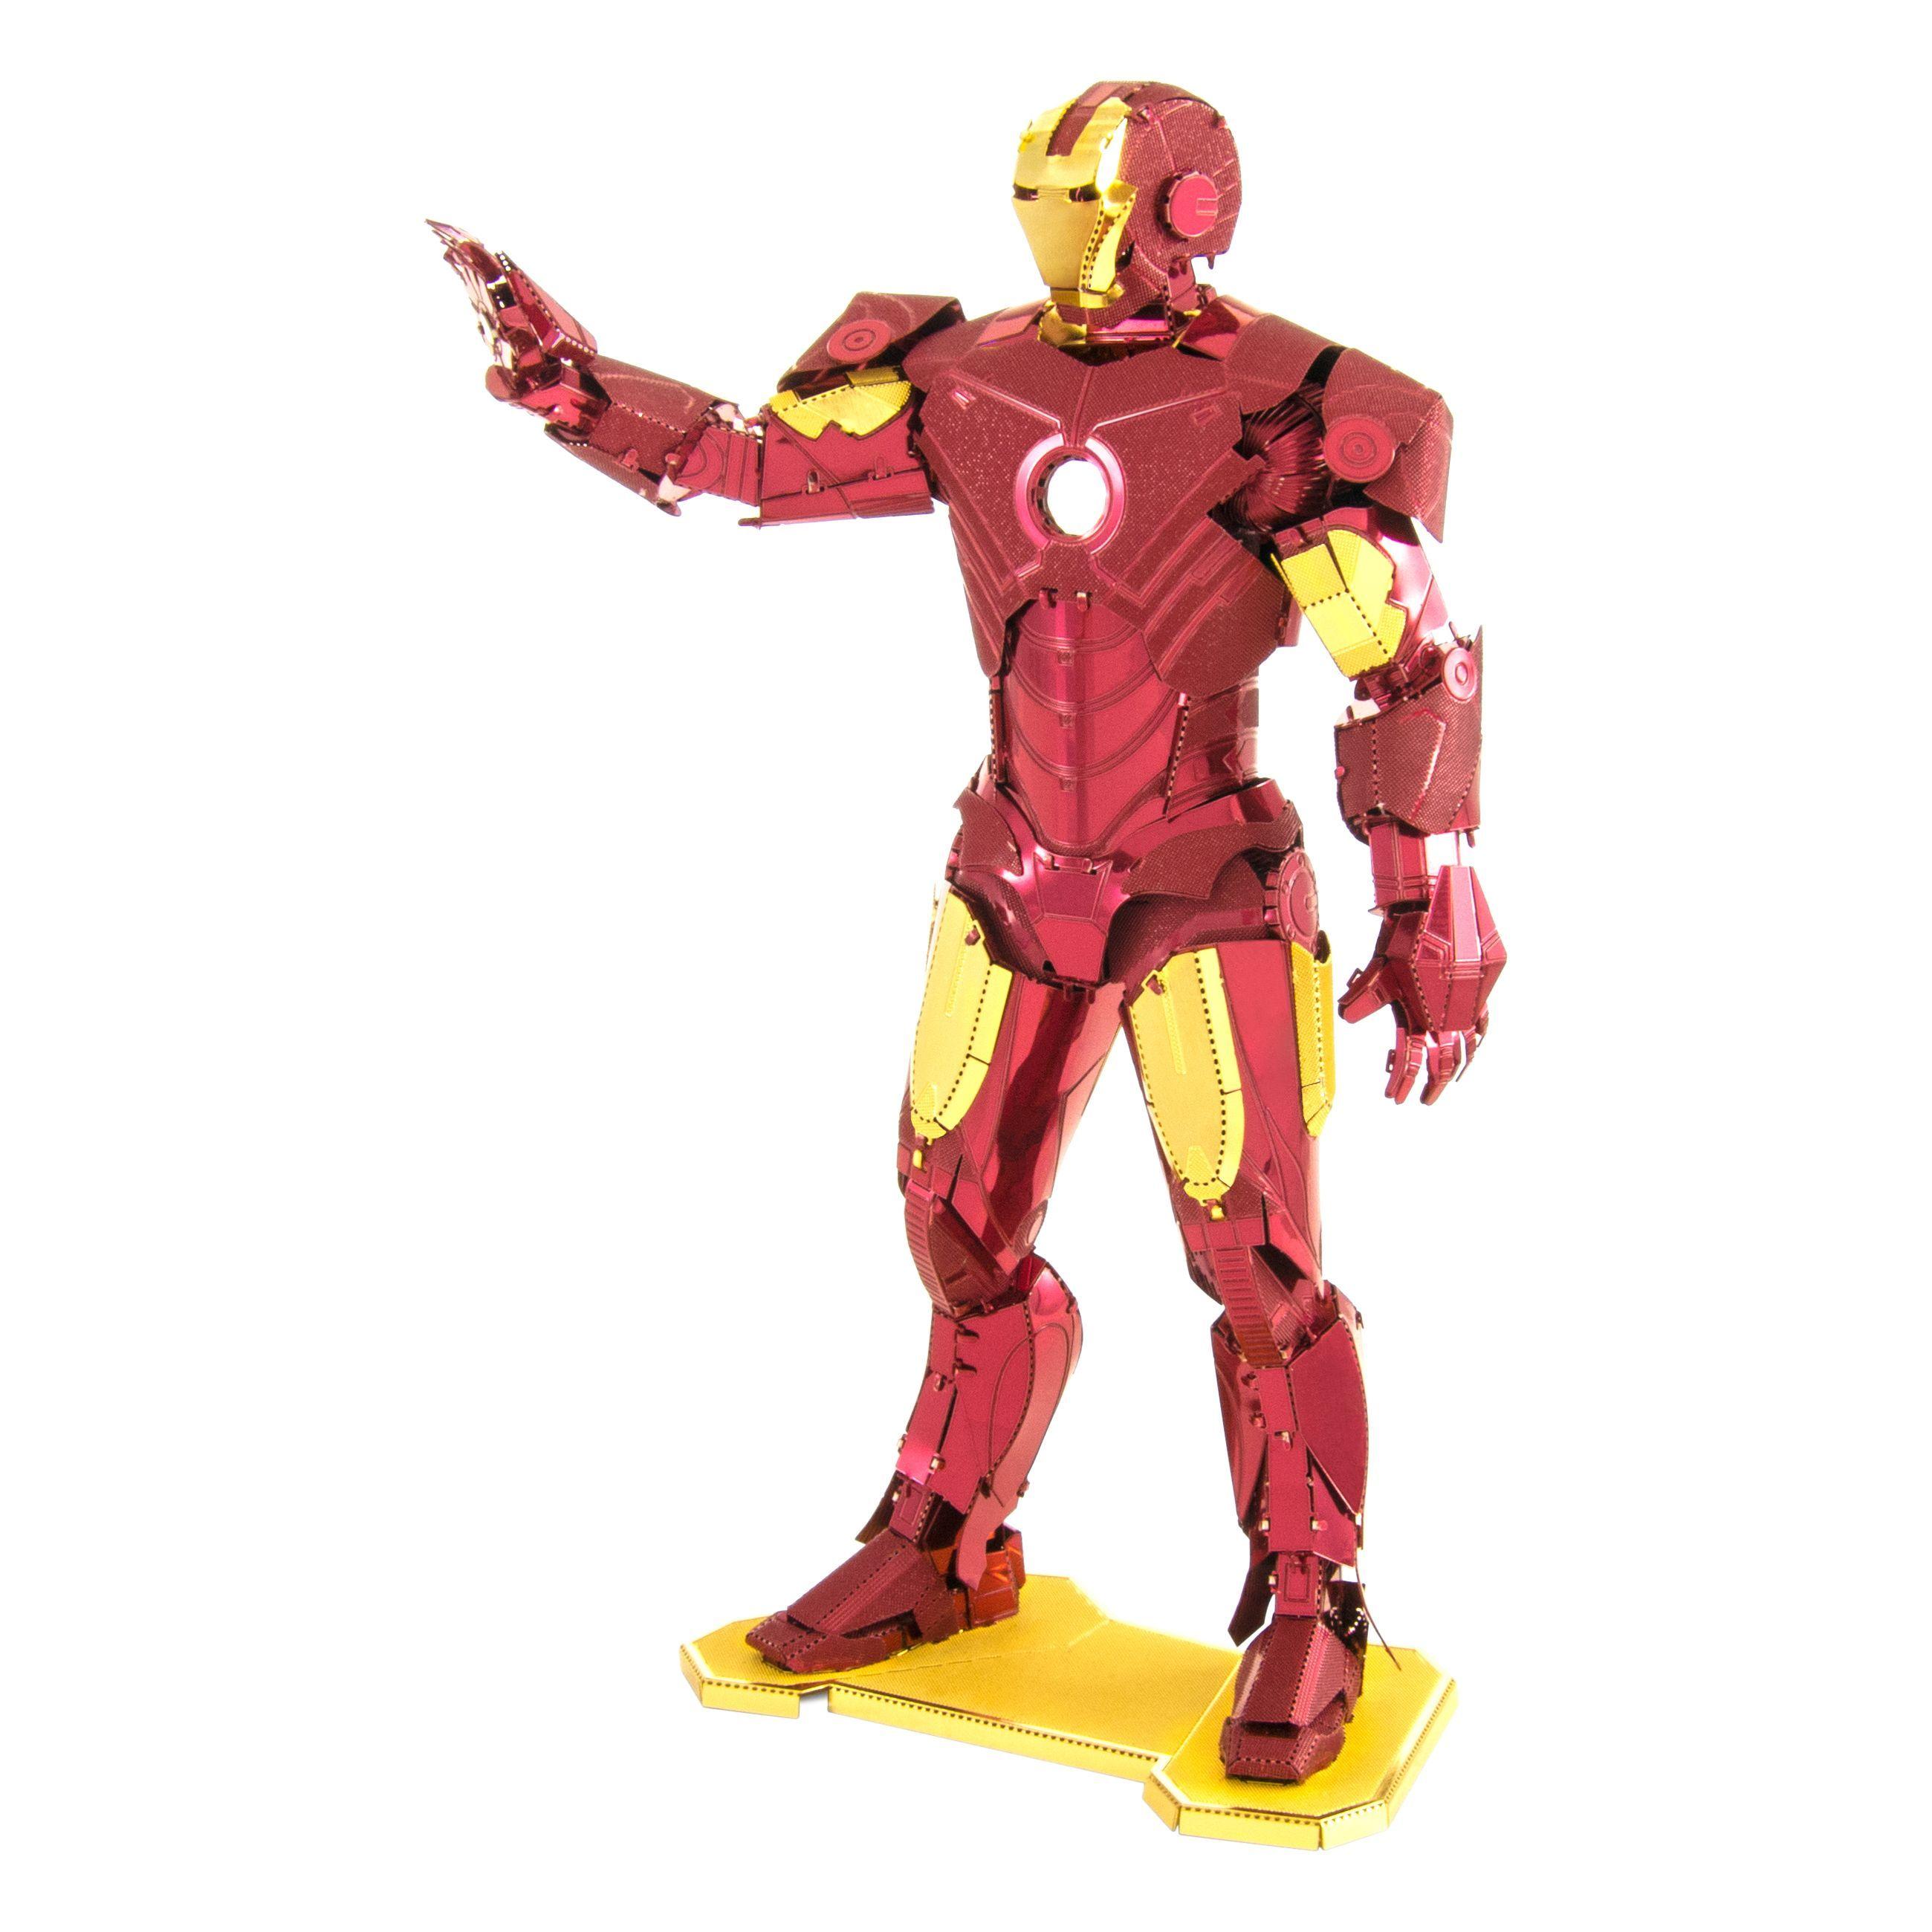 Metal Earth 3D Laser Cut Steel Model Kit Marvel Mjolnir Thor/'s Hammer Toy Gift